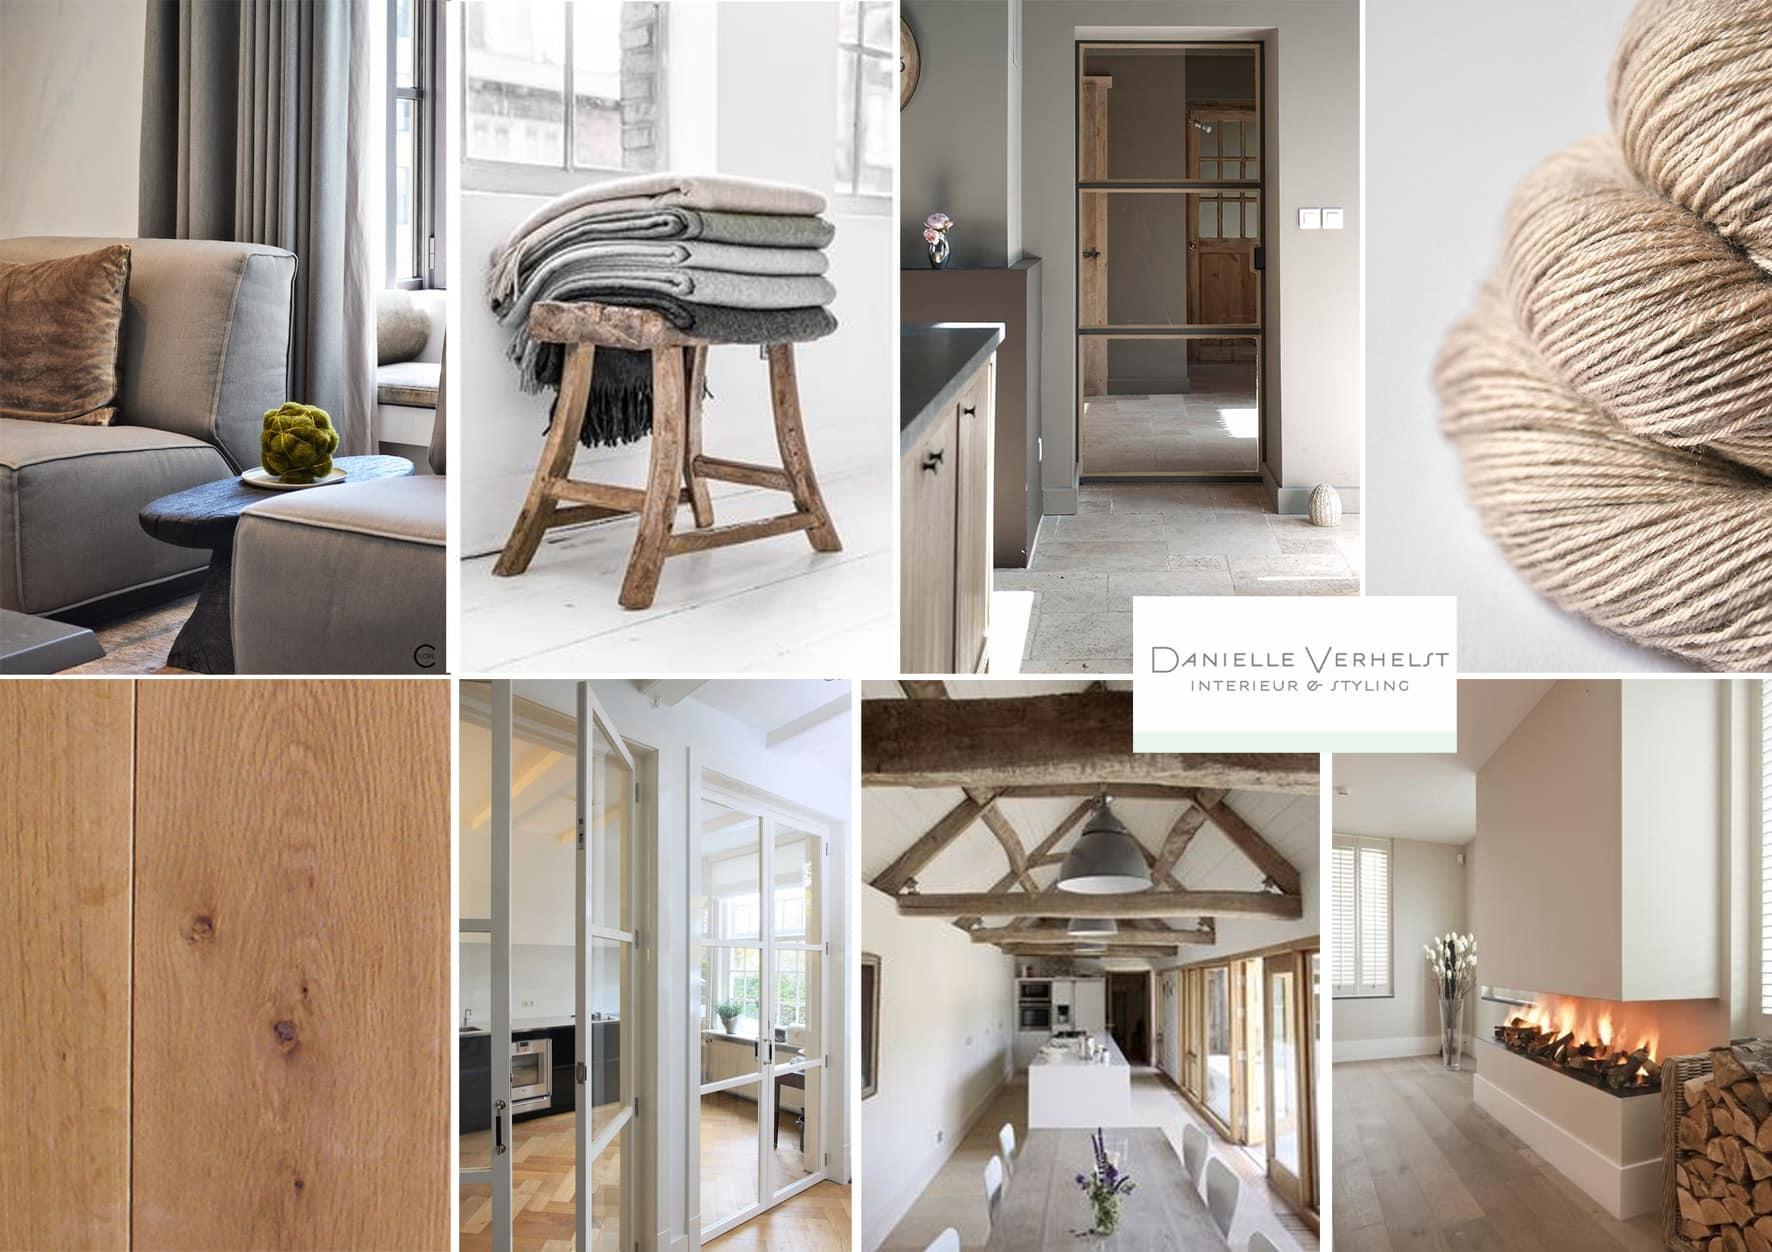 Interieuradvies voor Jaren 30 huis - Danielle Verhelst Interieur ...